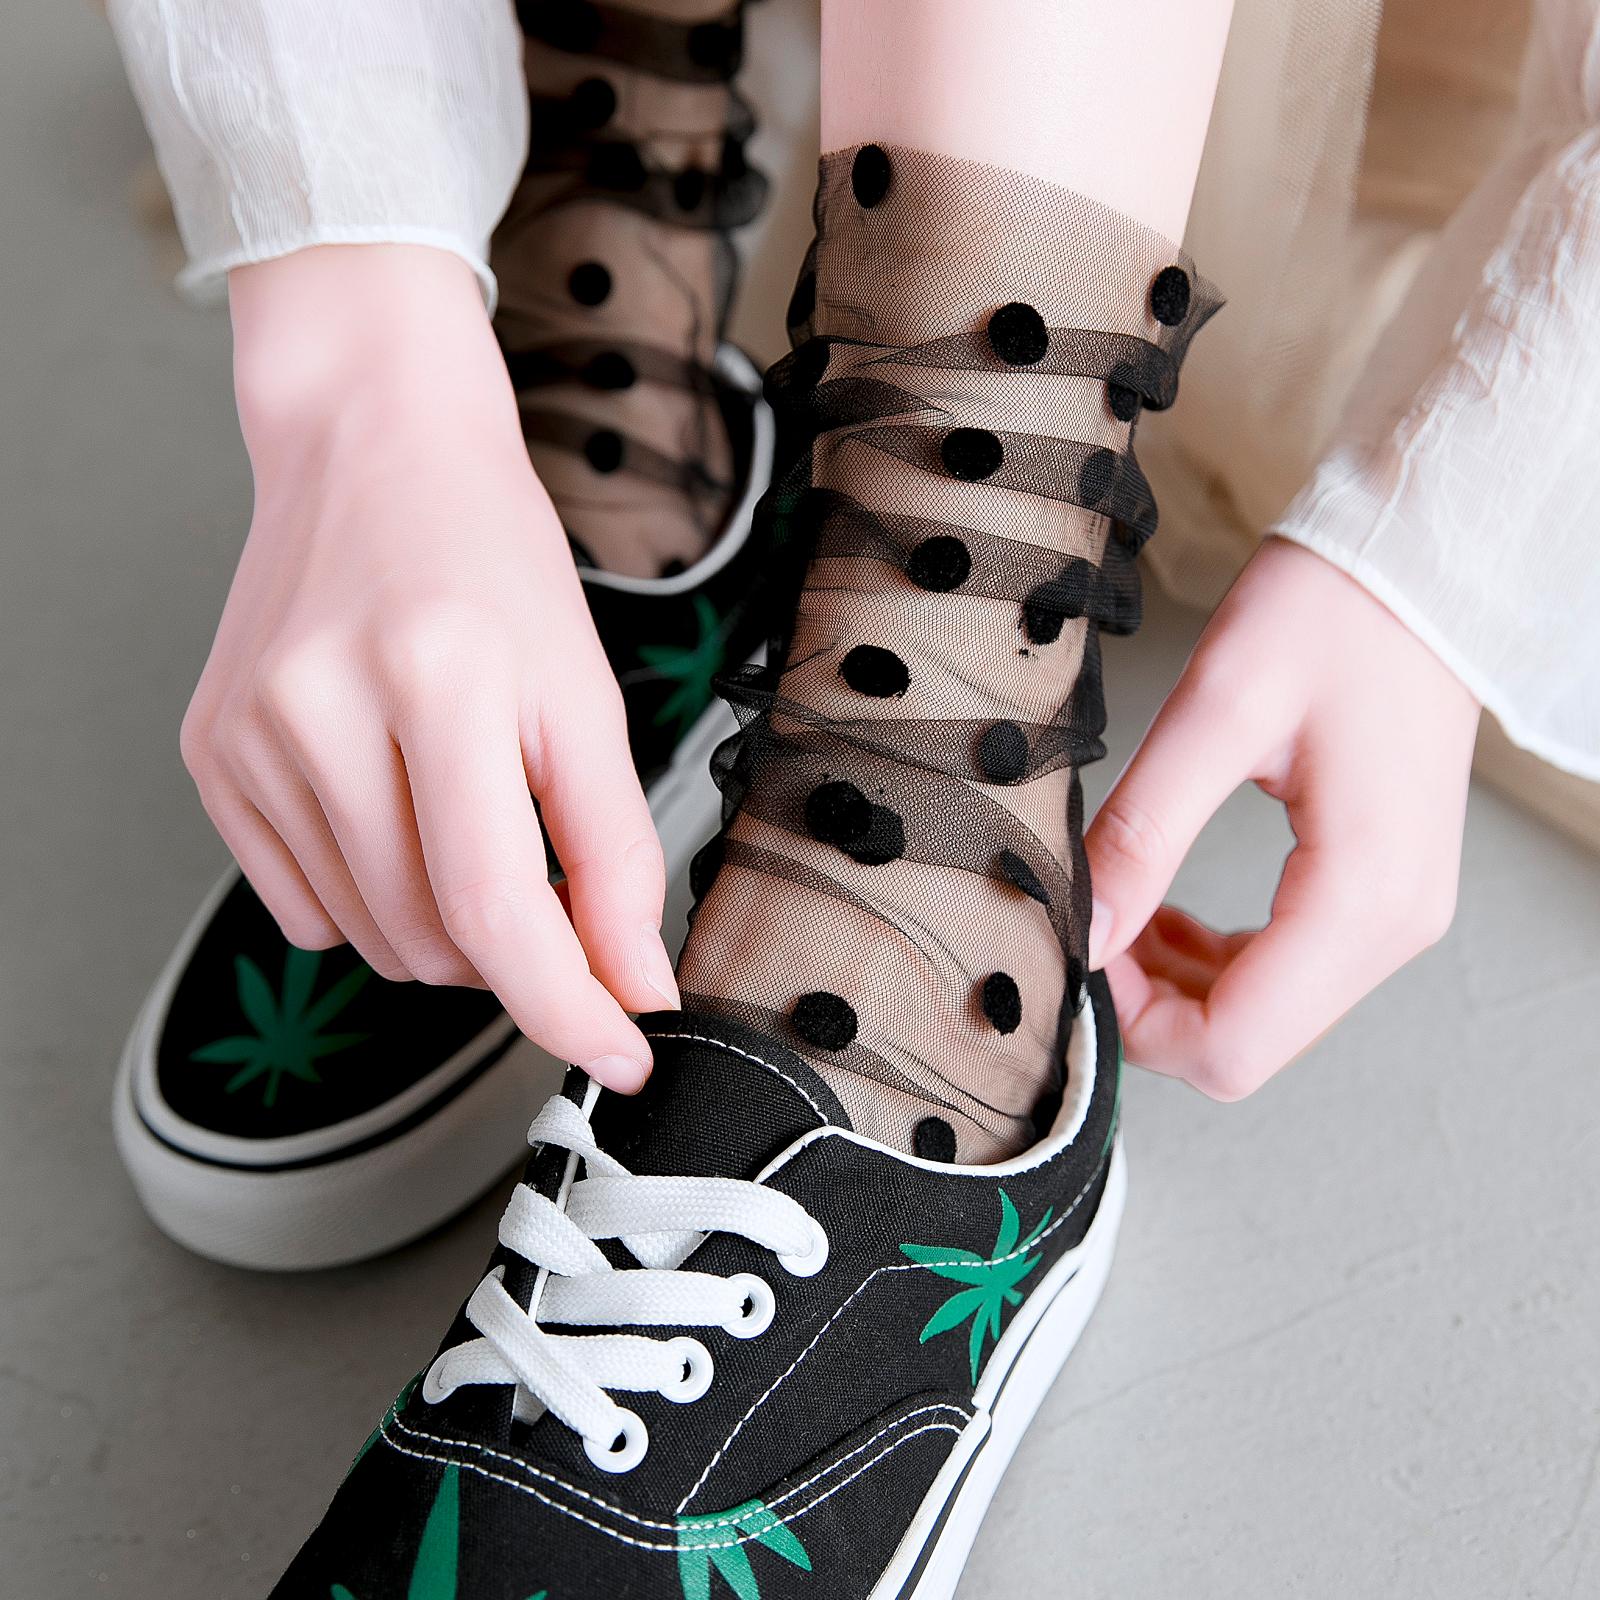 蕾丝长袜子女韩国中筒袜夏季薄款网纱透明水晶堆堆袜花边日系仙女